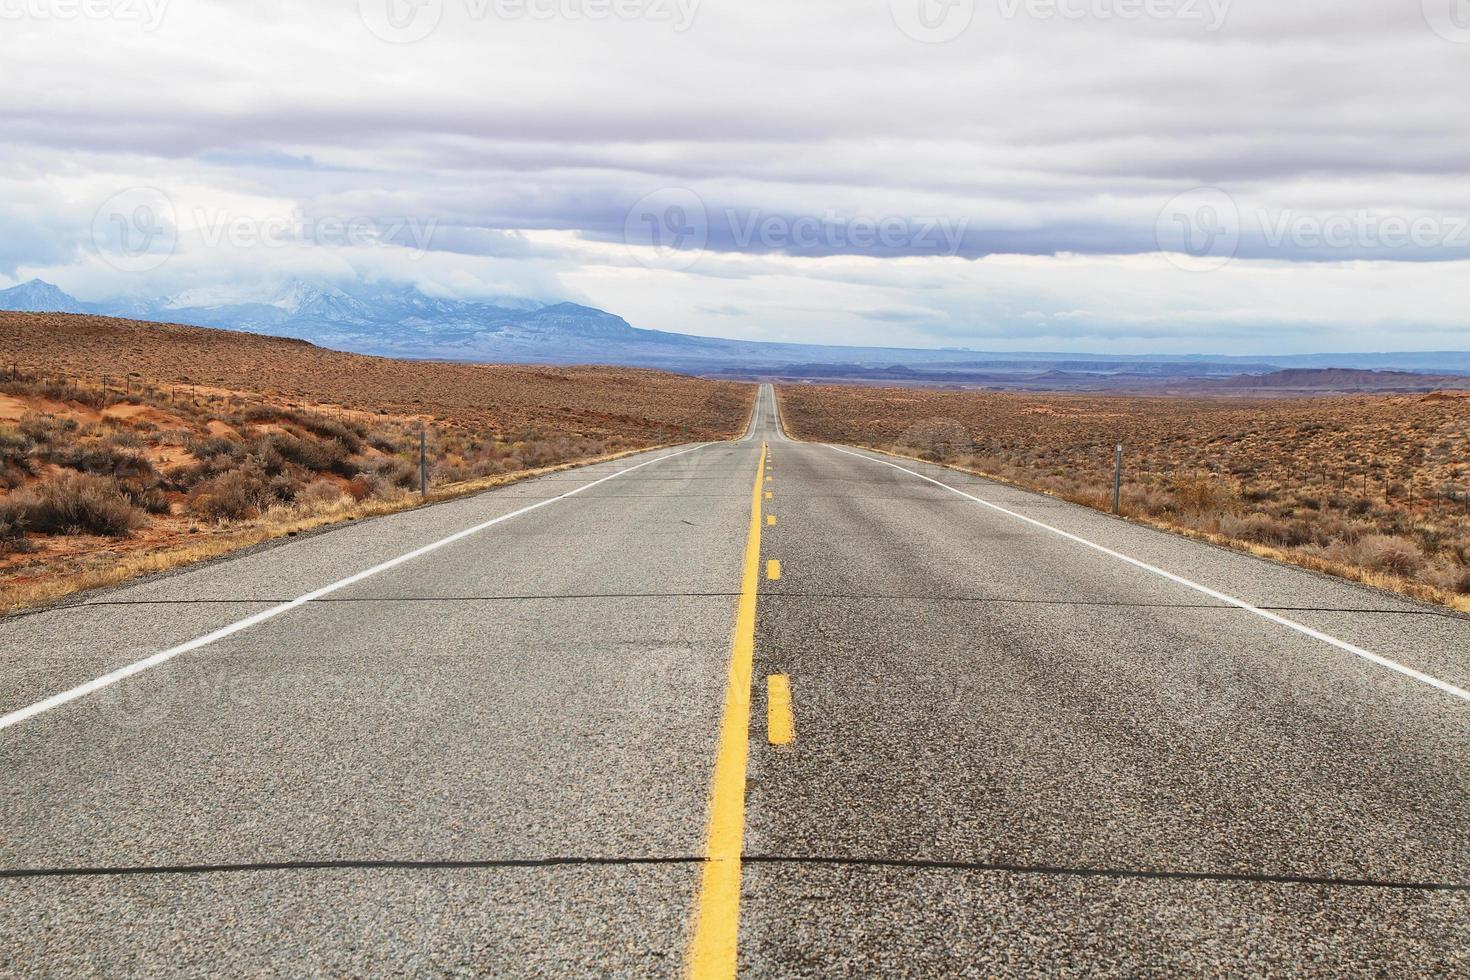 strada panoramica 24, Utah centrale, stati uniti d'america foto